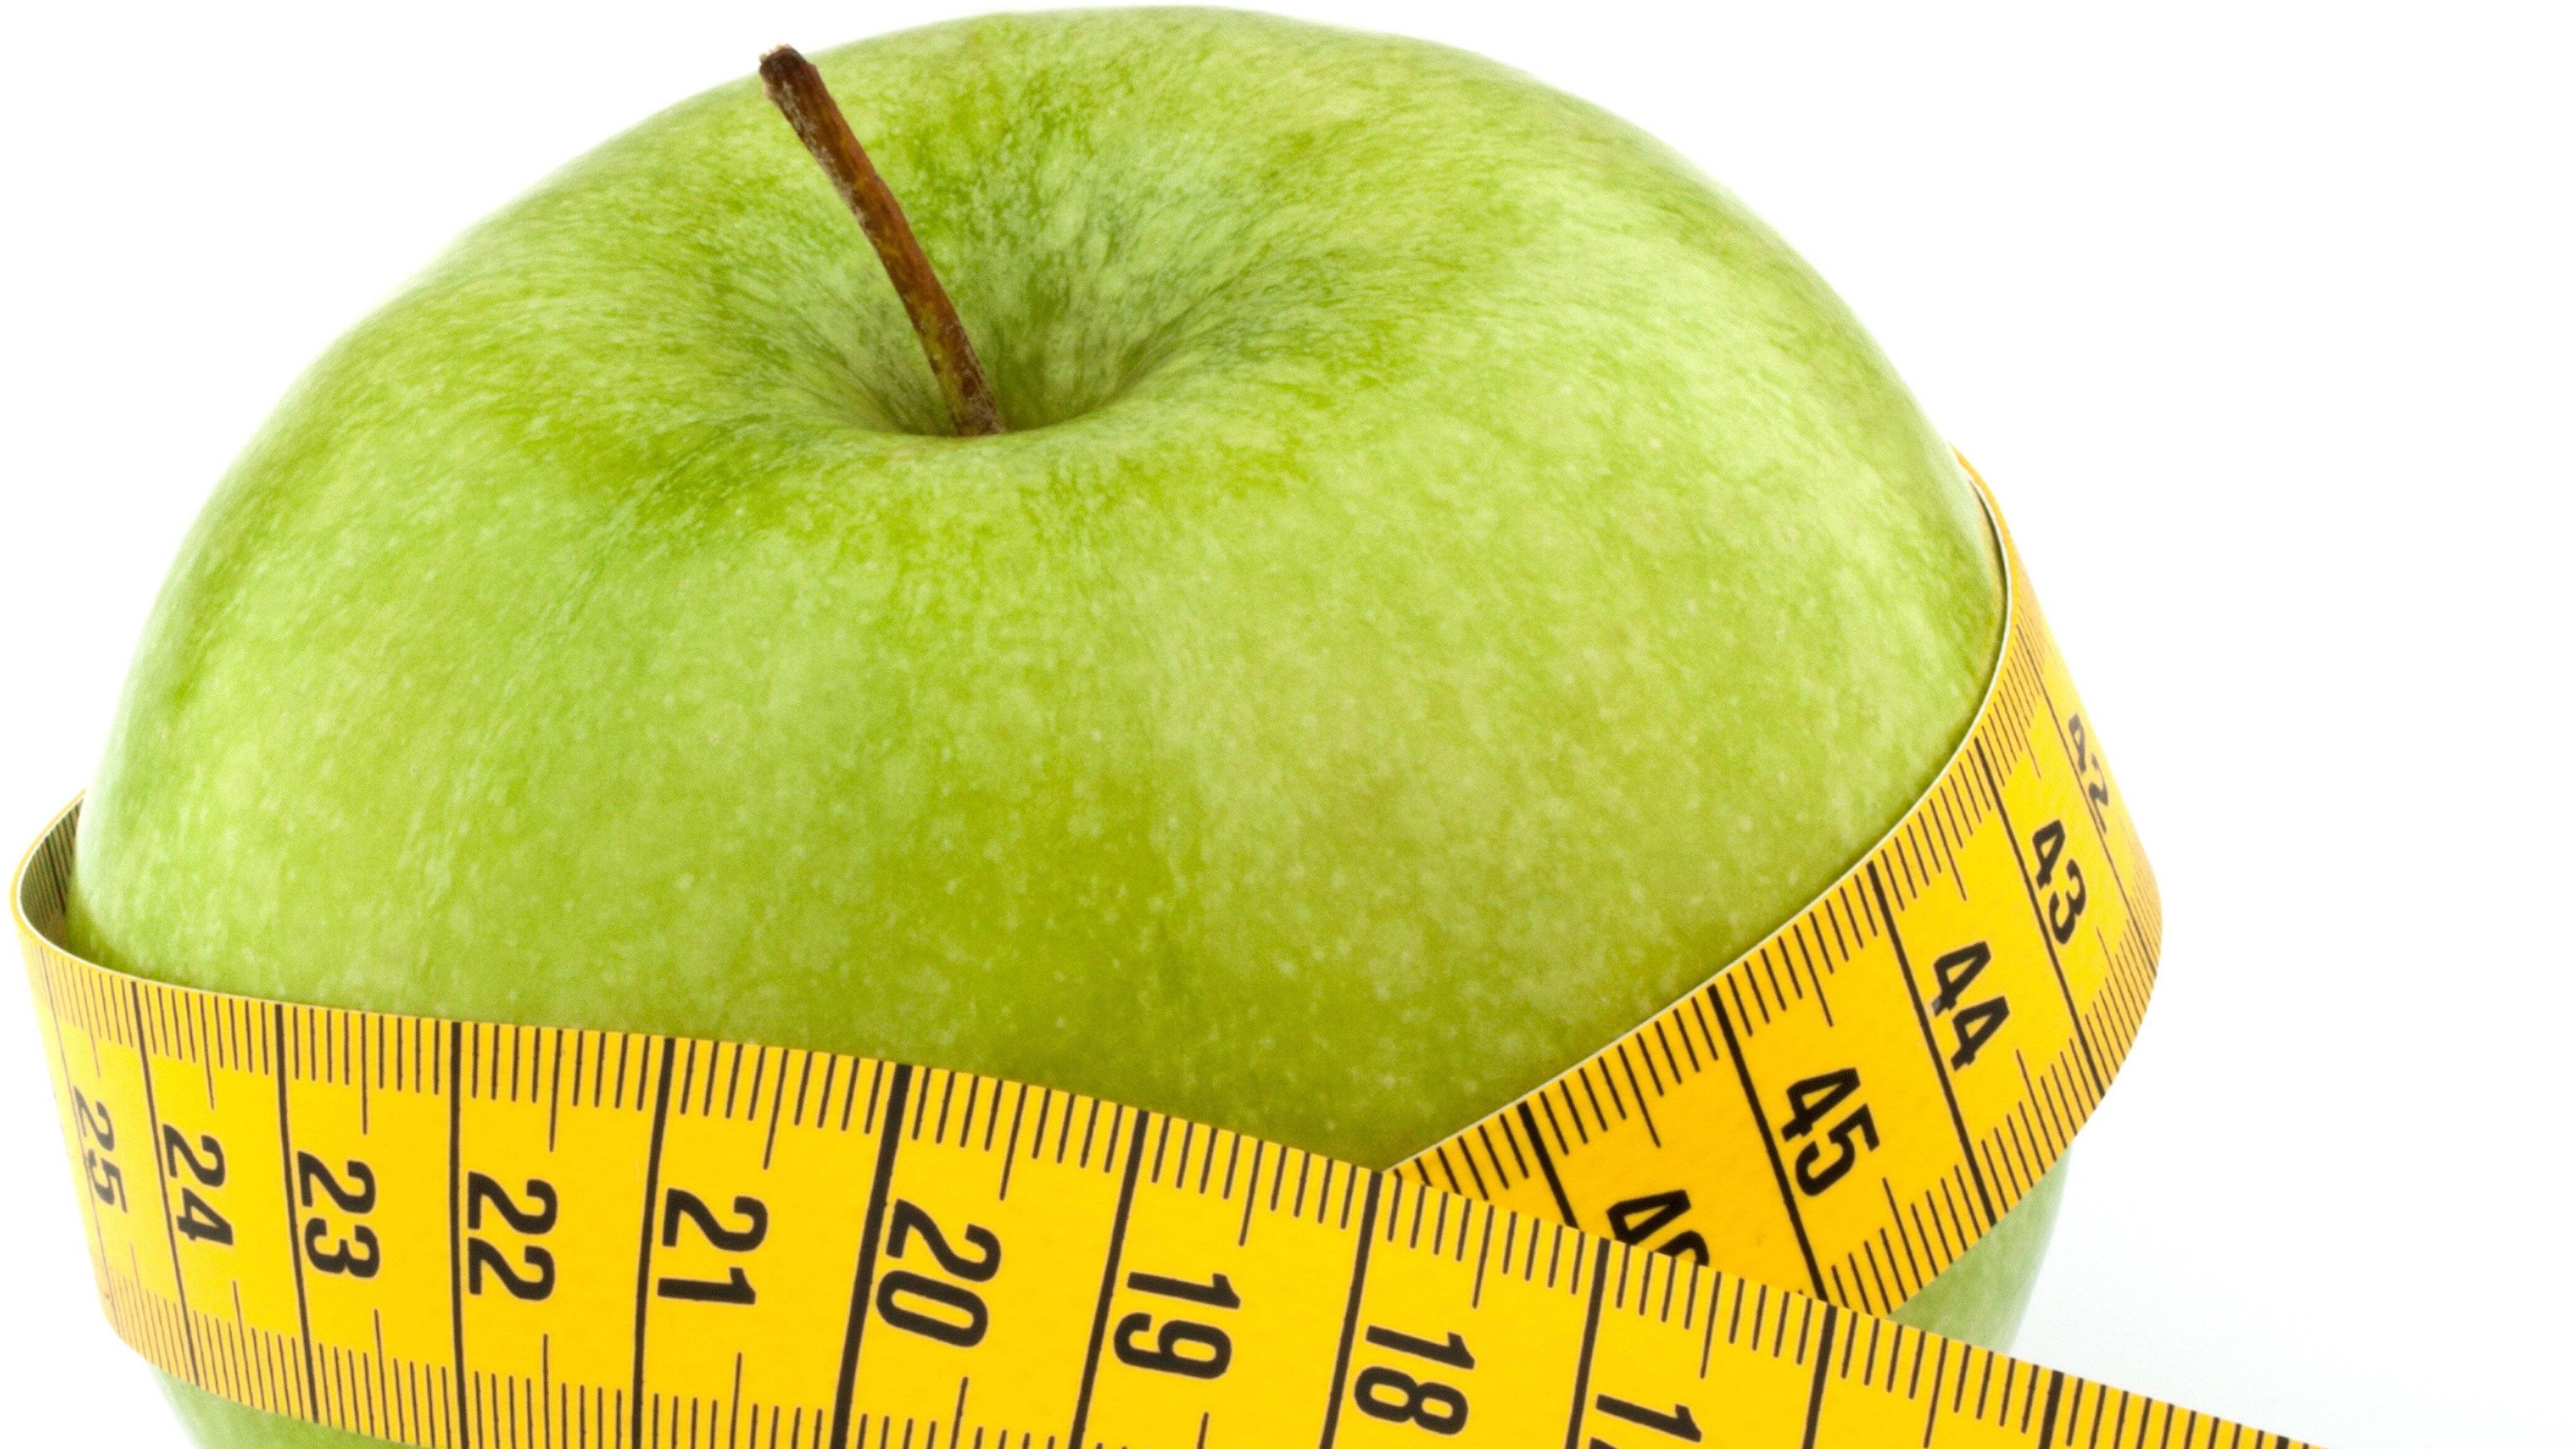 Scheinfasten Diät: Das steckt dahinter